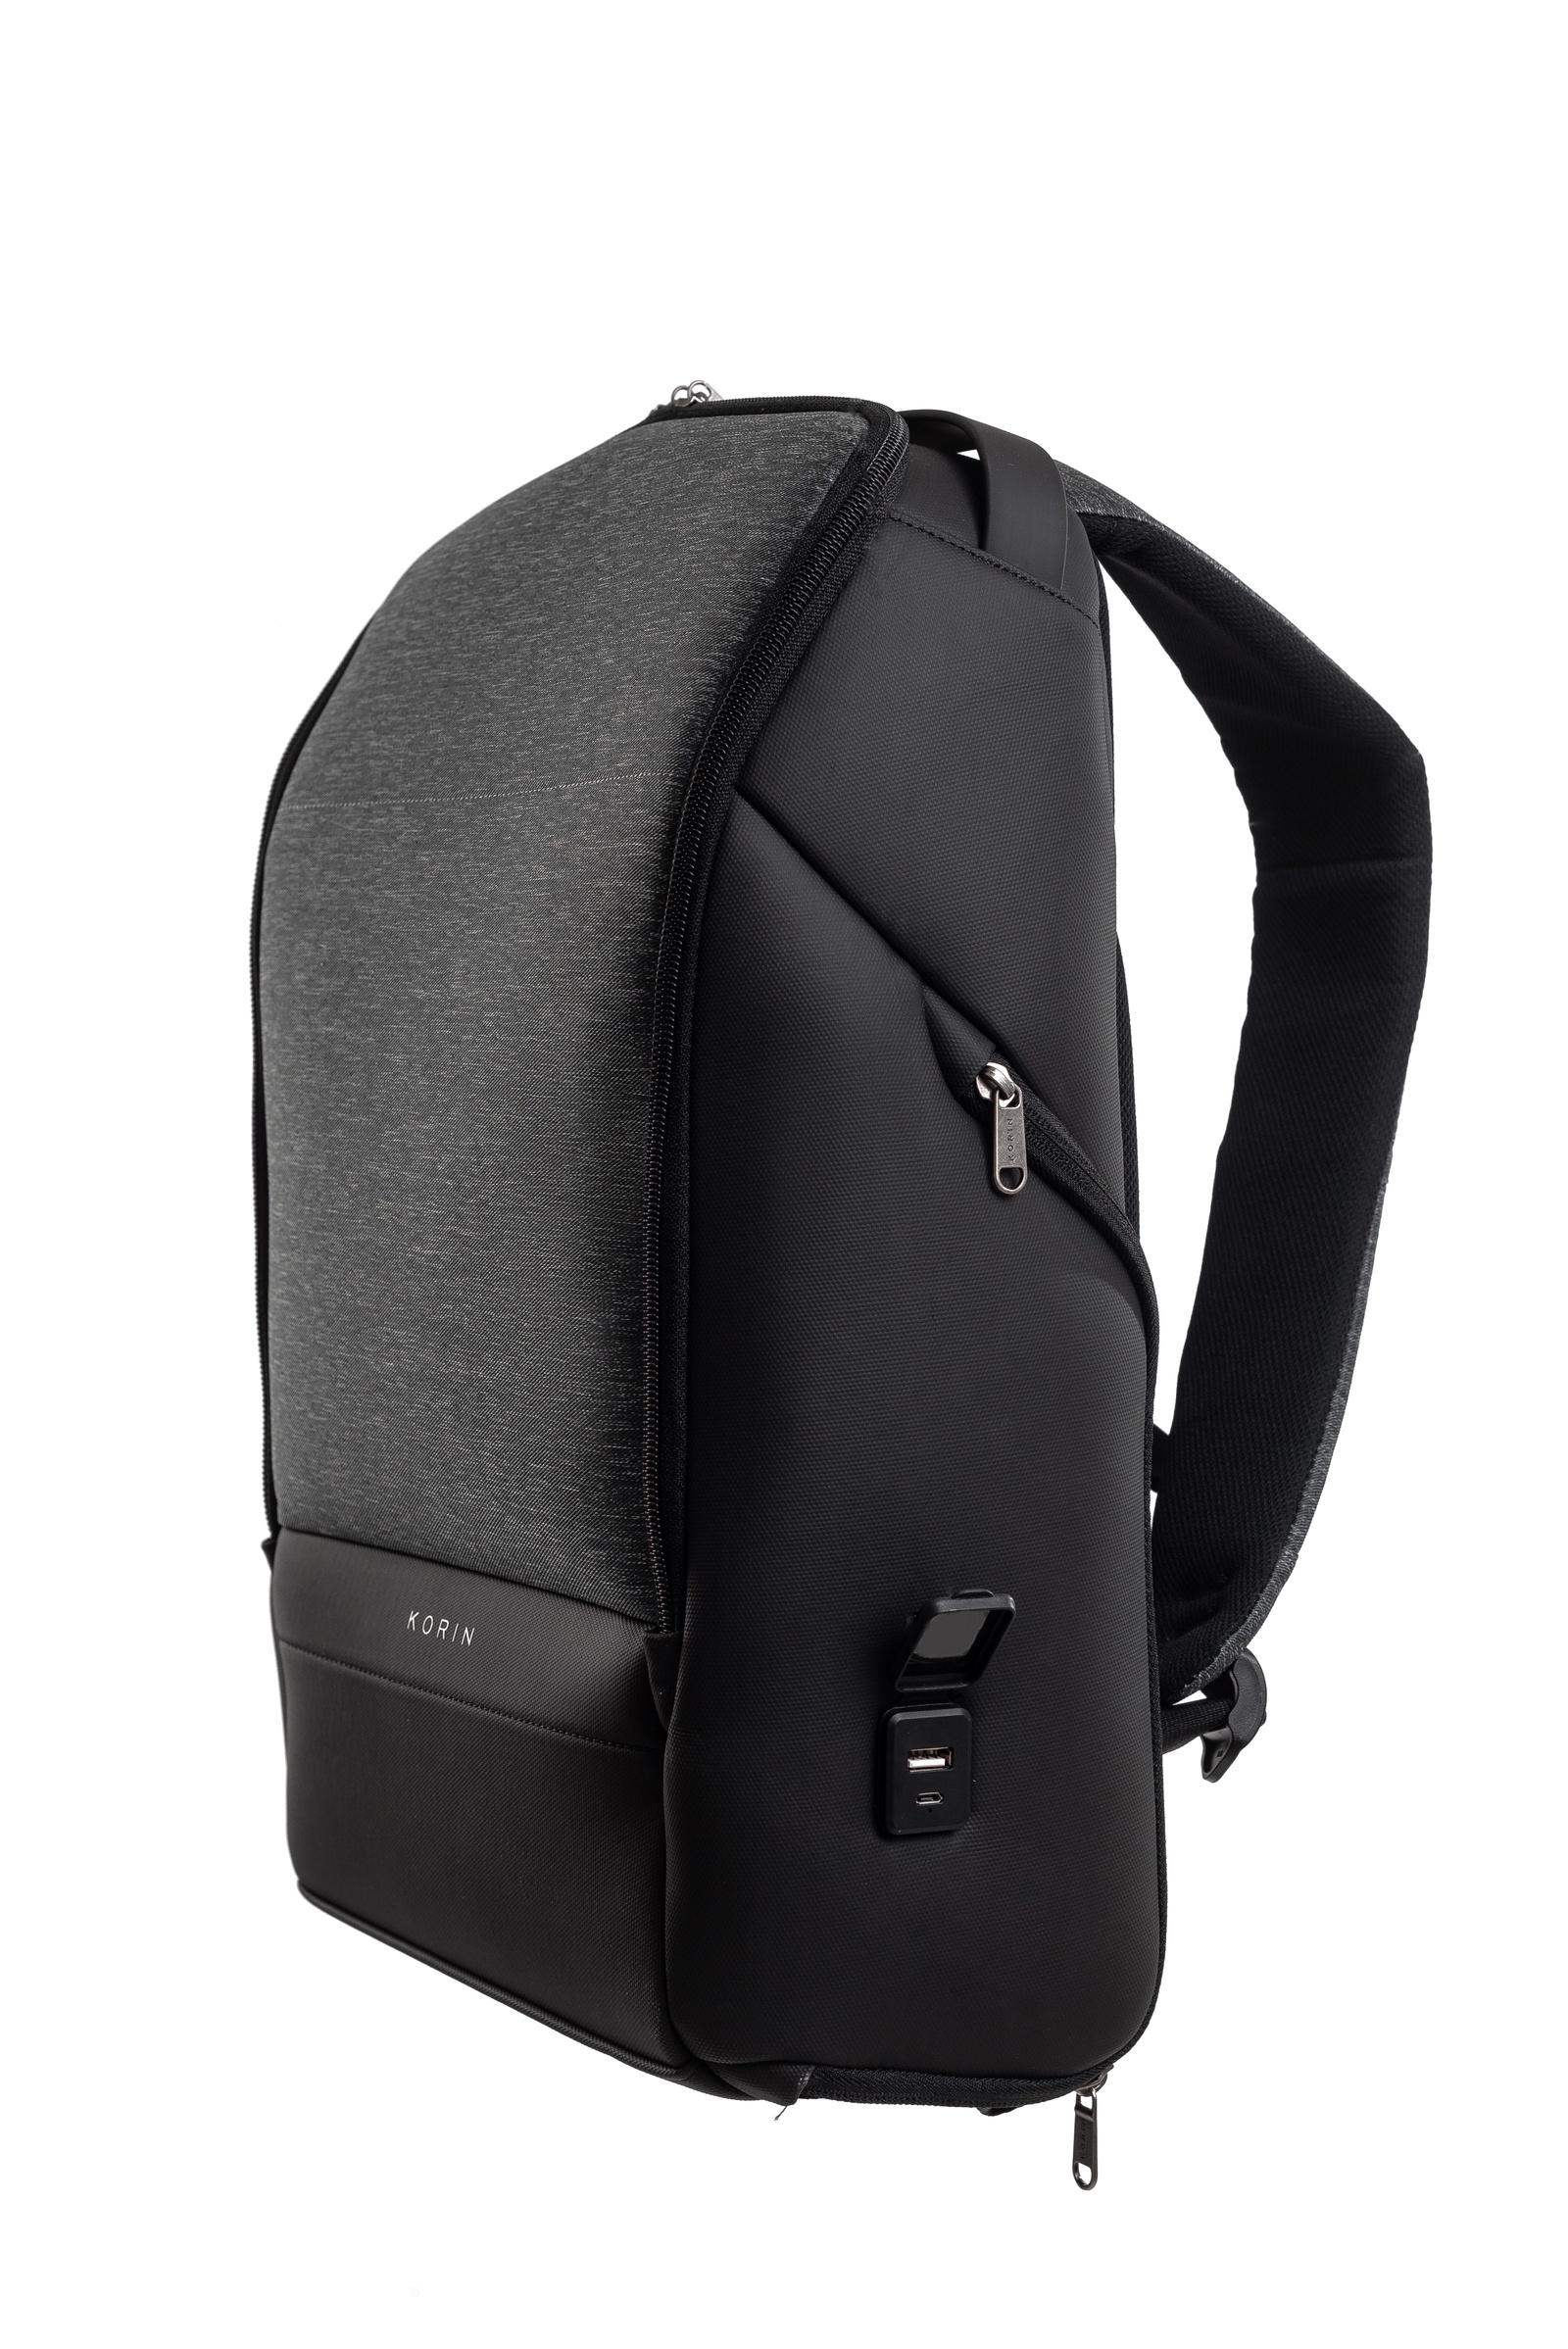 Рюкзак городской KORIN Design FlexPack Pro, темно-серый рюкзак korin design clickpack gray серый